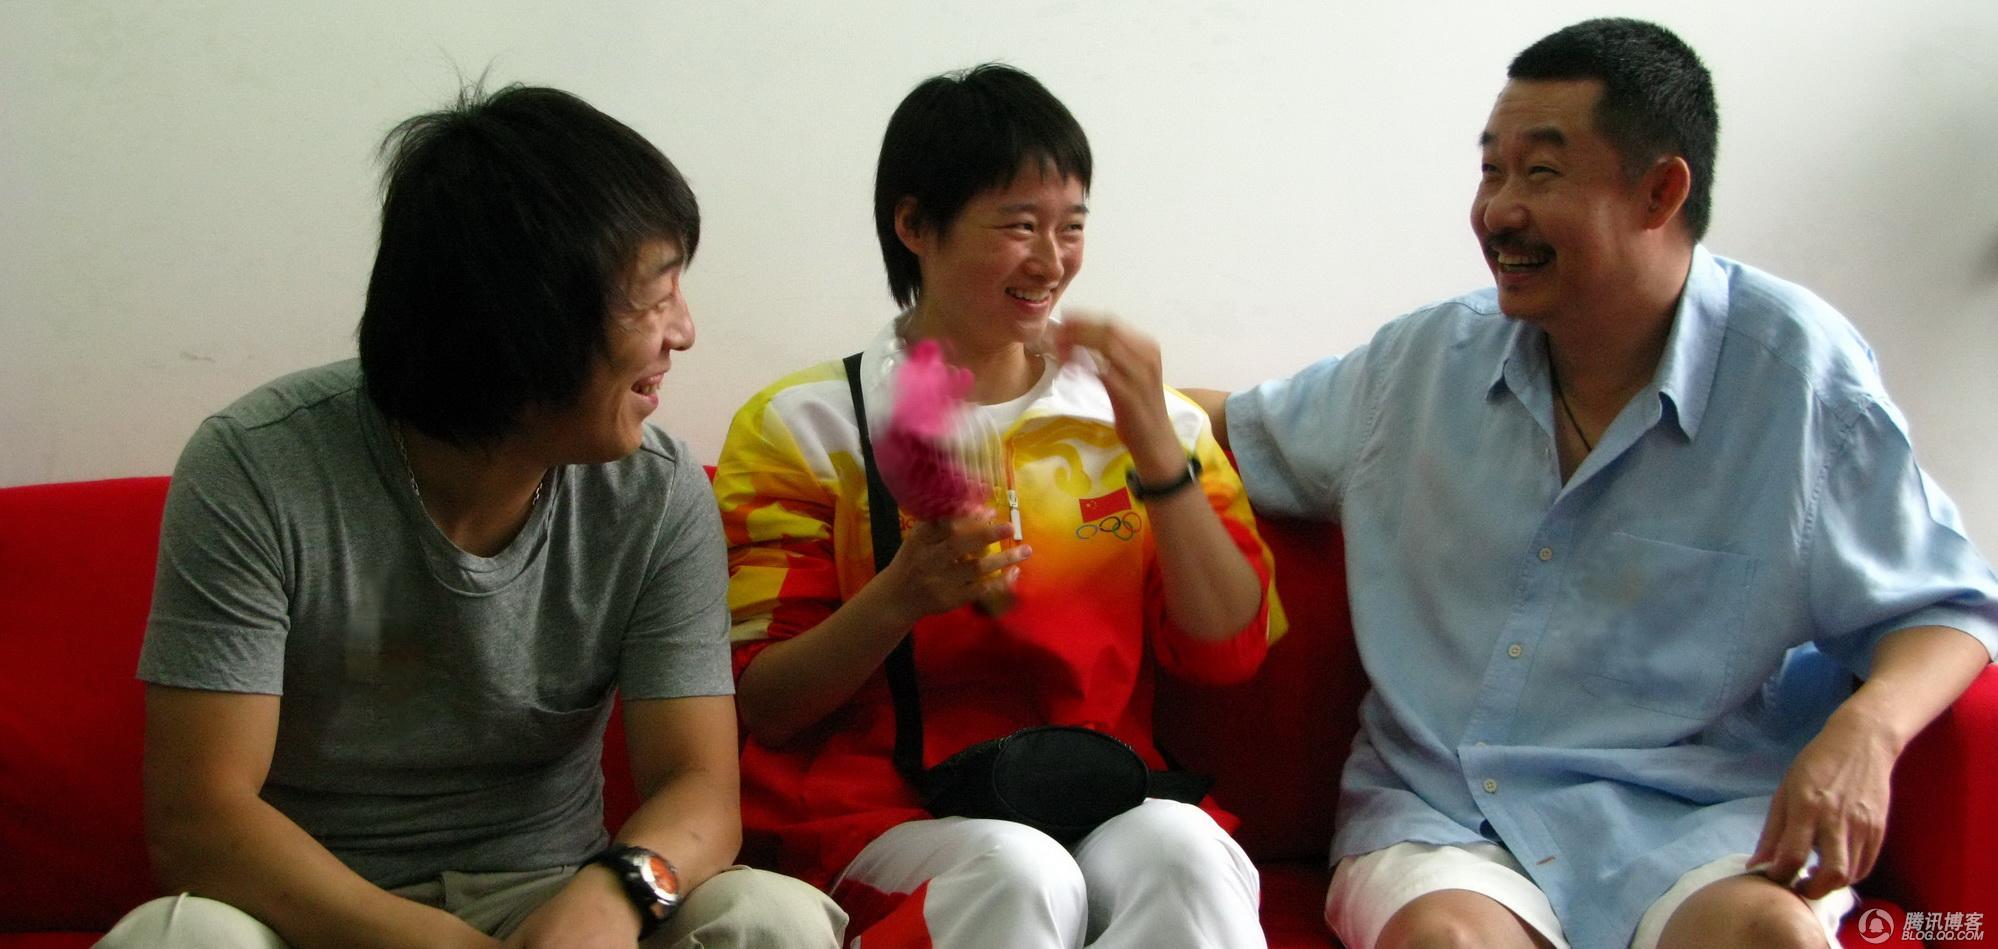 和奥运冠军吴静钰亲密接触 - 黄渤 - 黄渤的博客